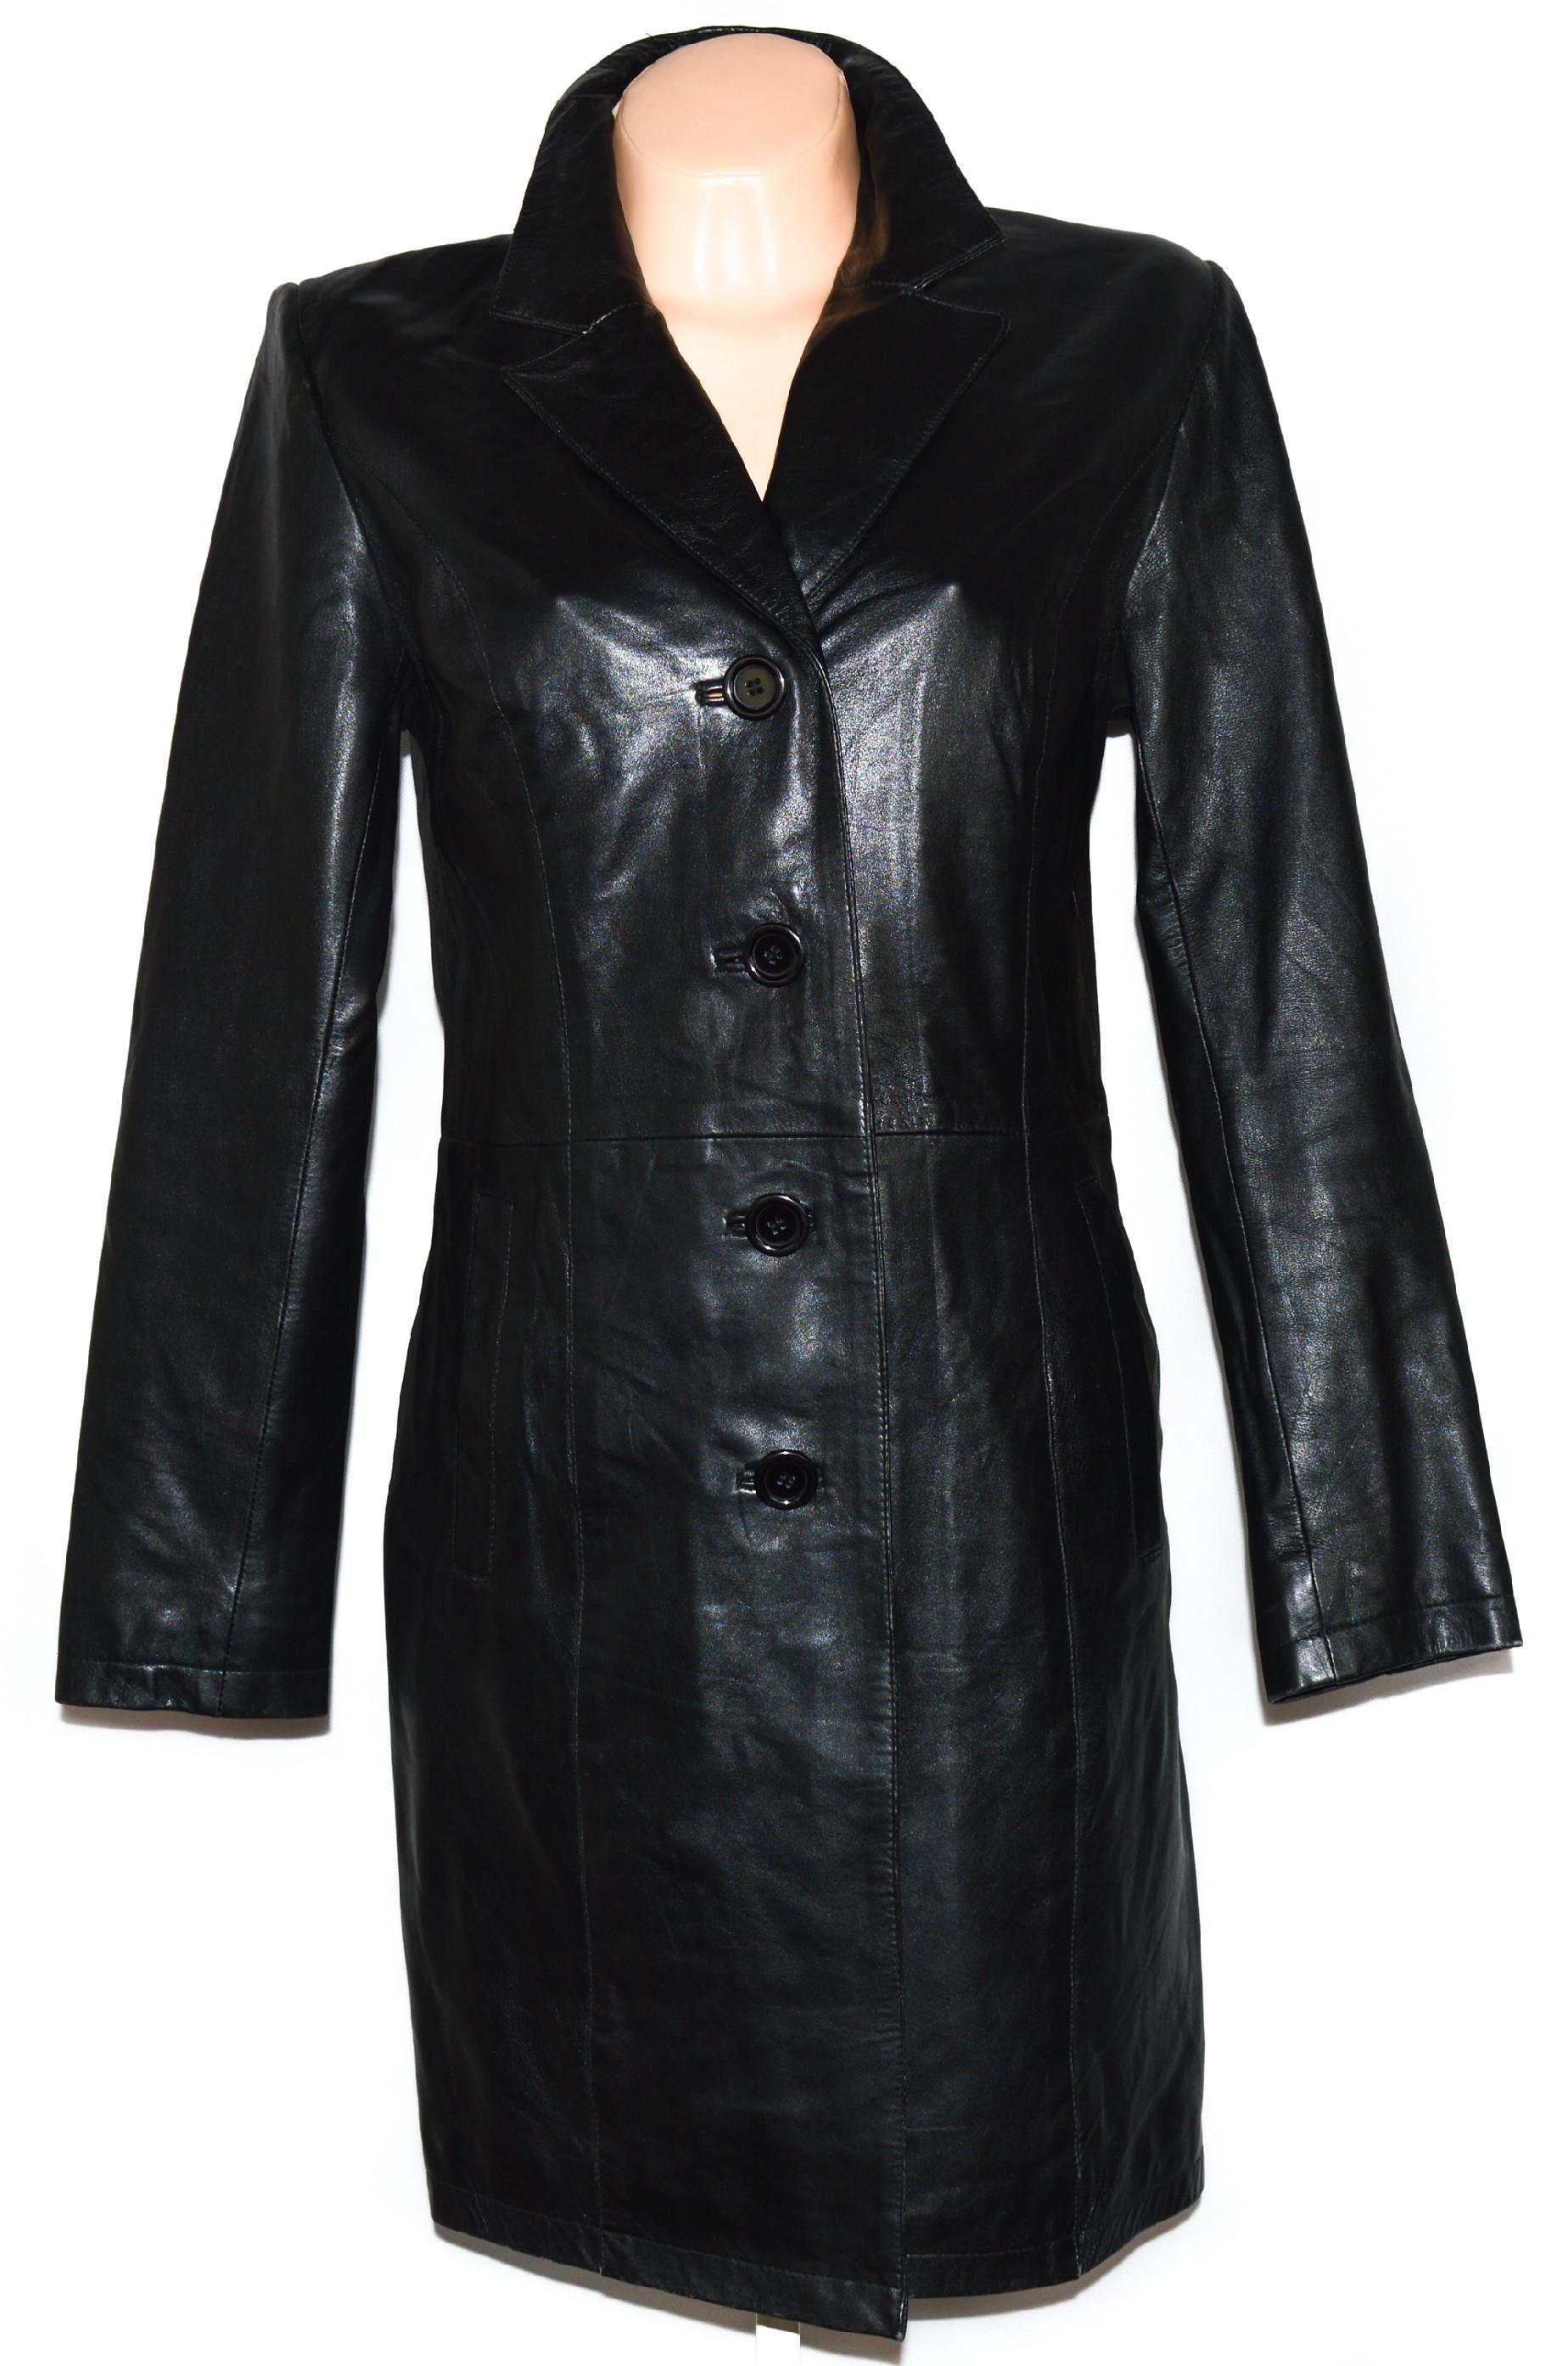 KOŽENÝ dámský černý měkký kabát Brixton L